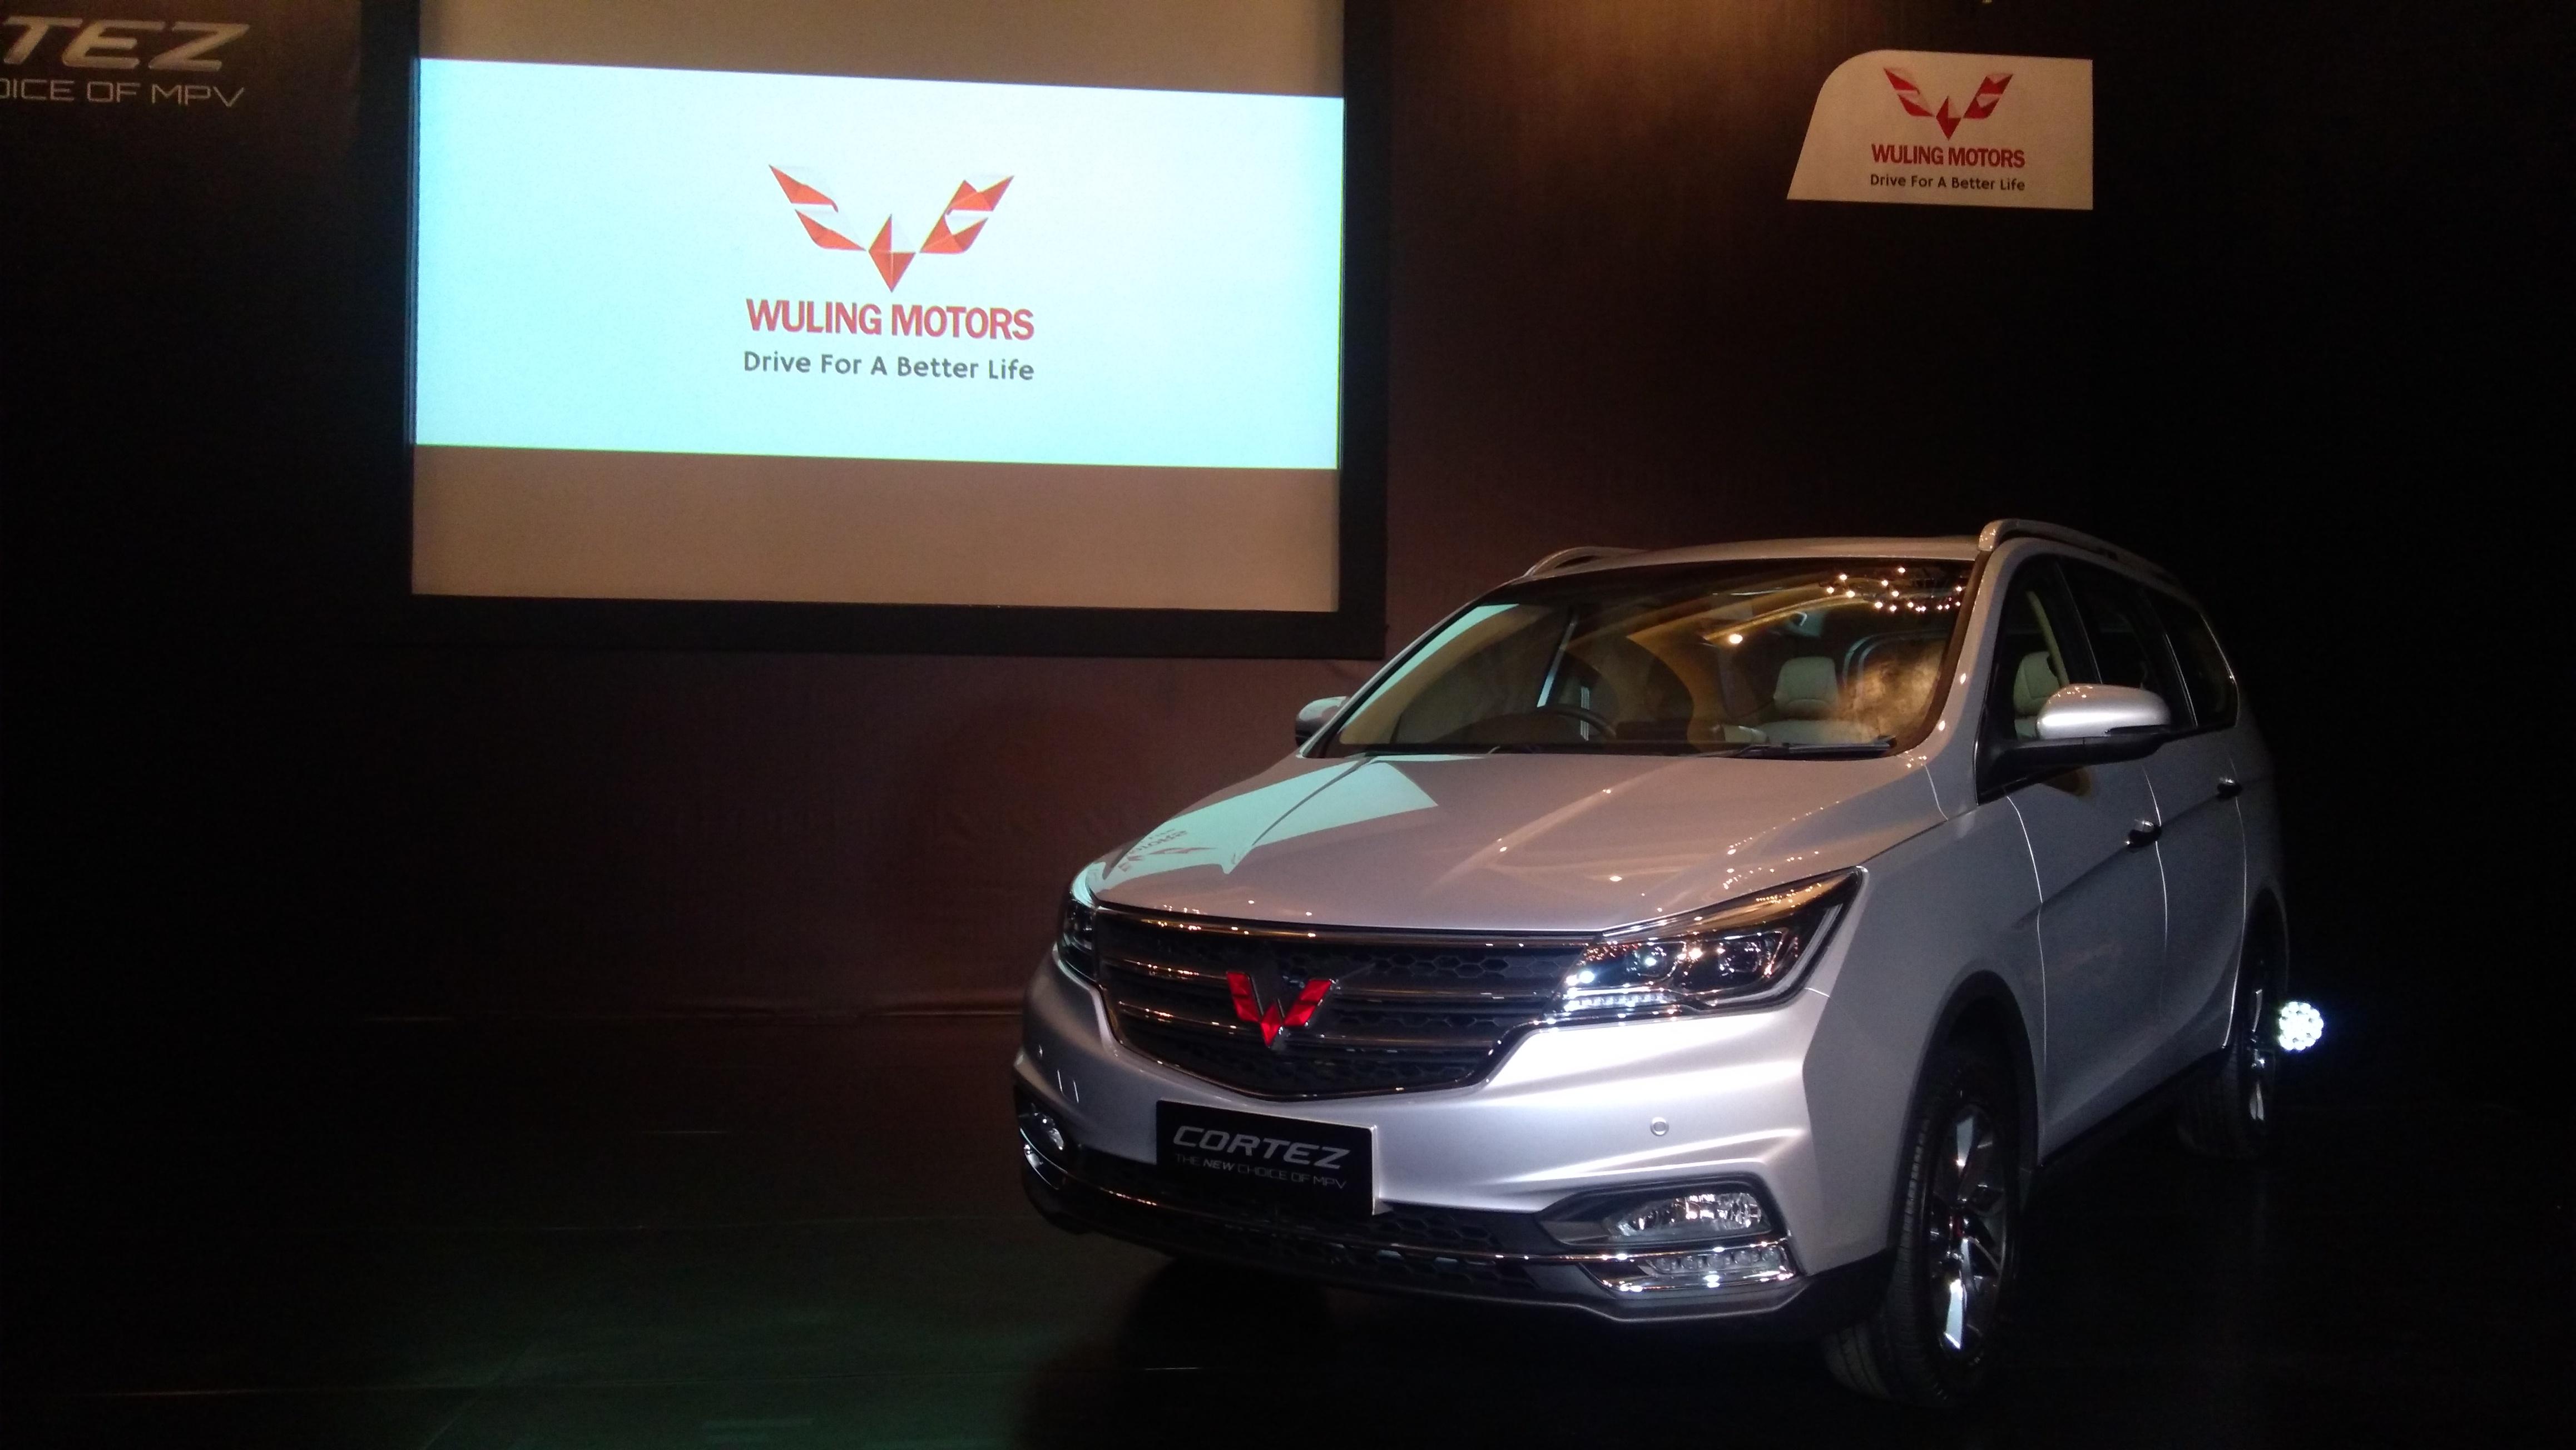 Wuling Motors Singkirkan Nissan Dan Datsun 10 Merek Mobil Terlaris